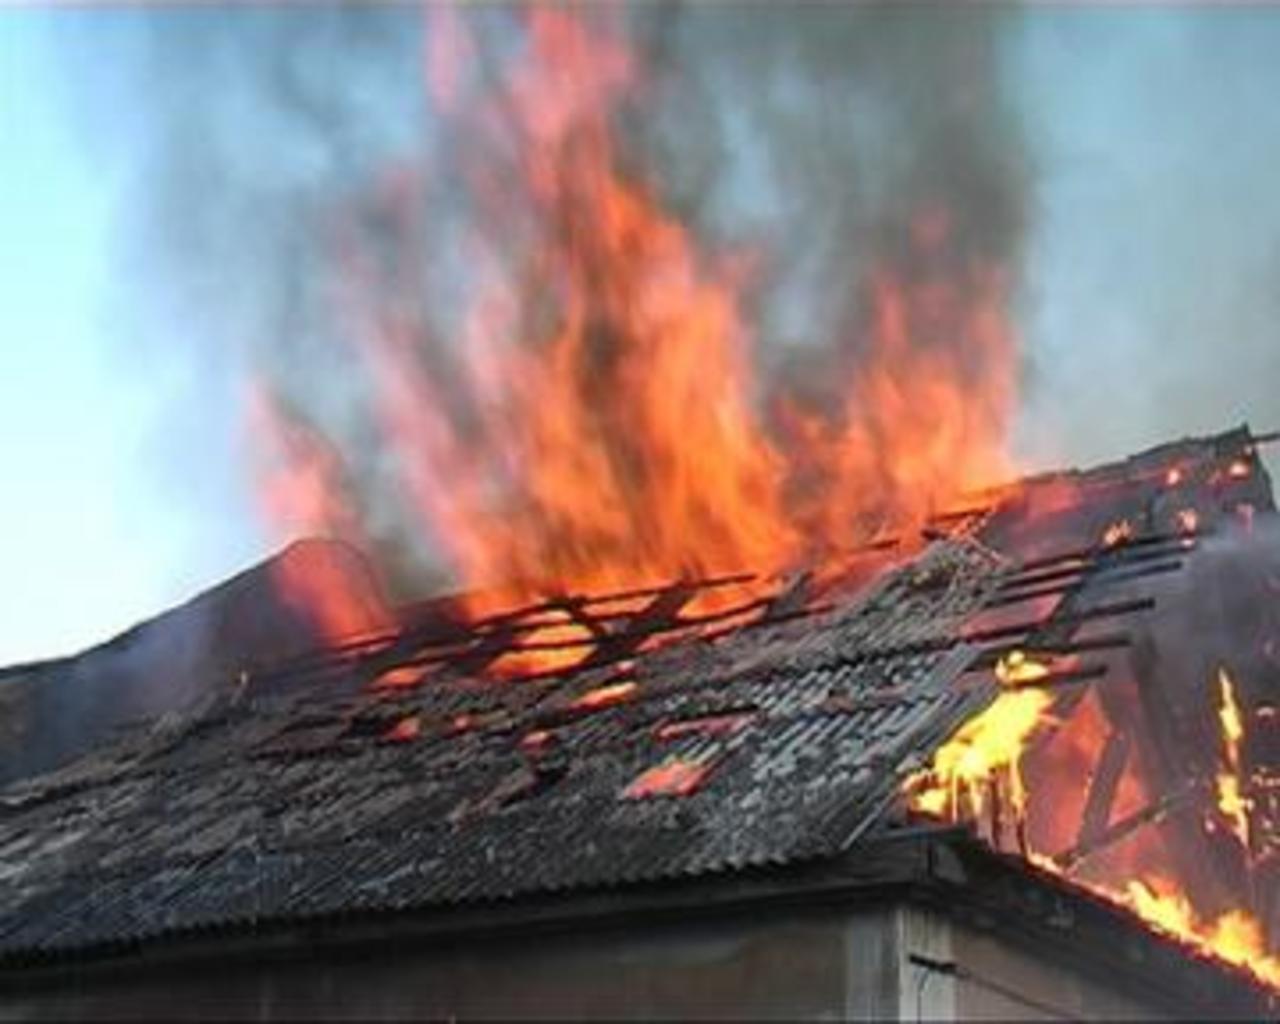 Сверепый пожар случился из-за удара молнии вКстовском районе